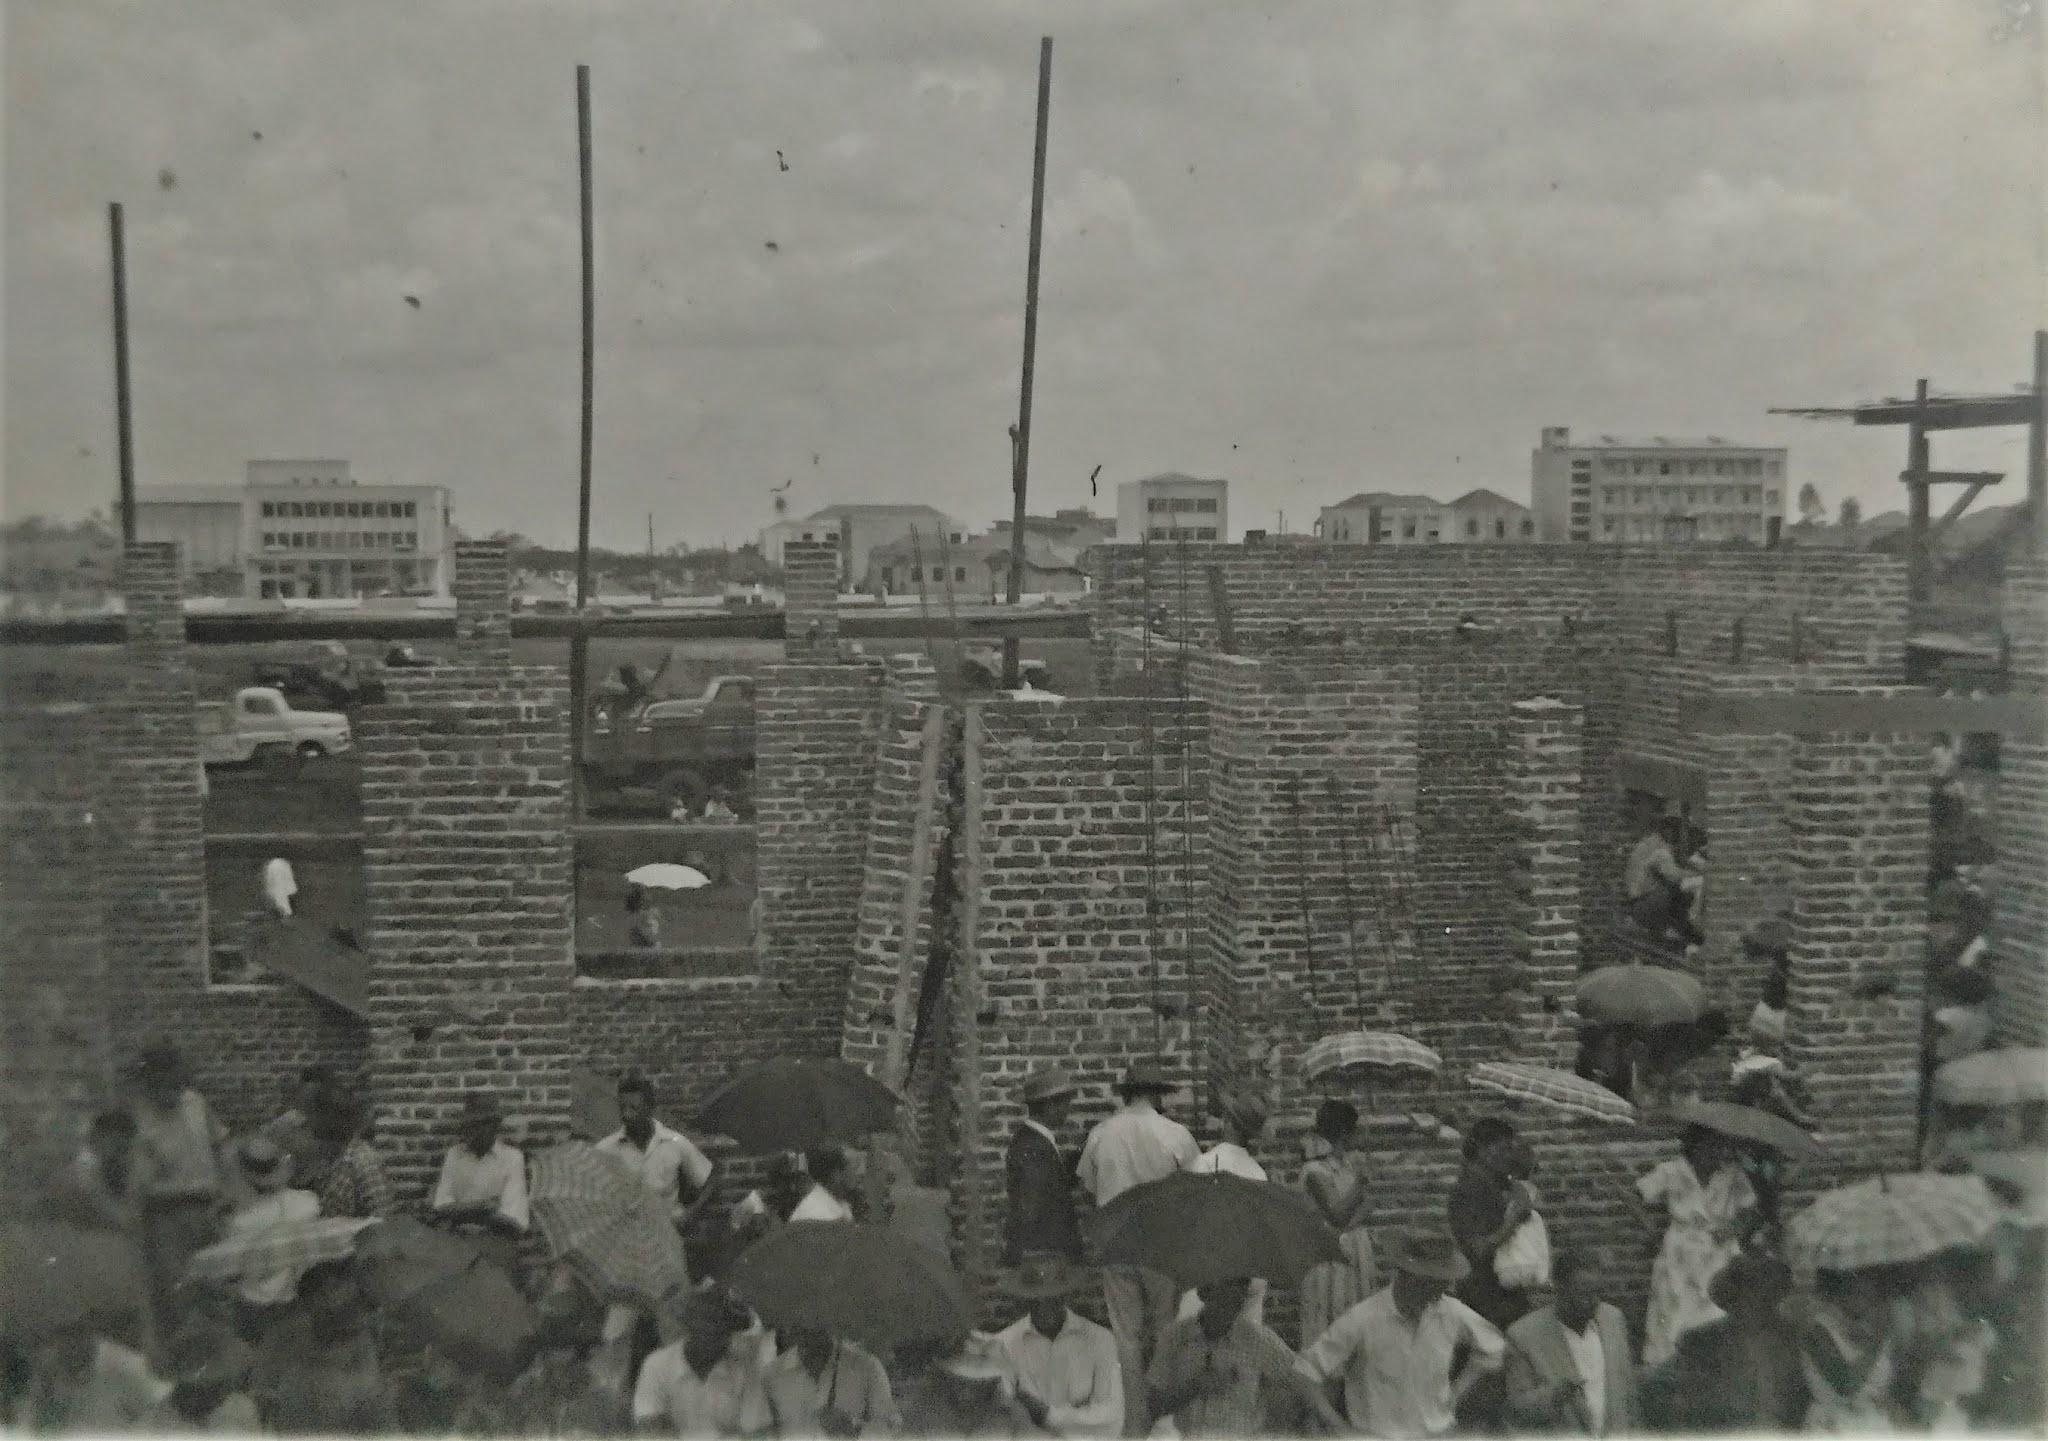 Estação Ferroviária ainda em obras - 1954